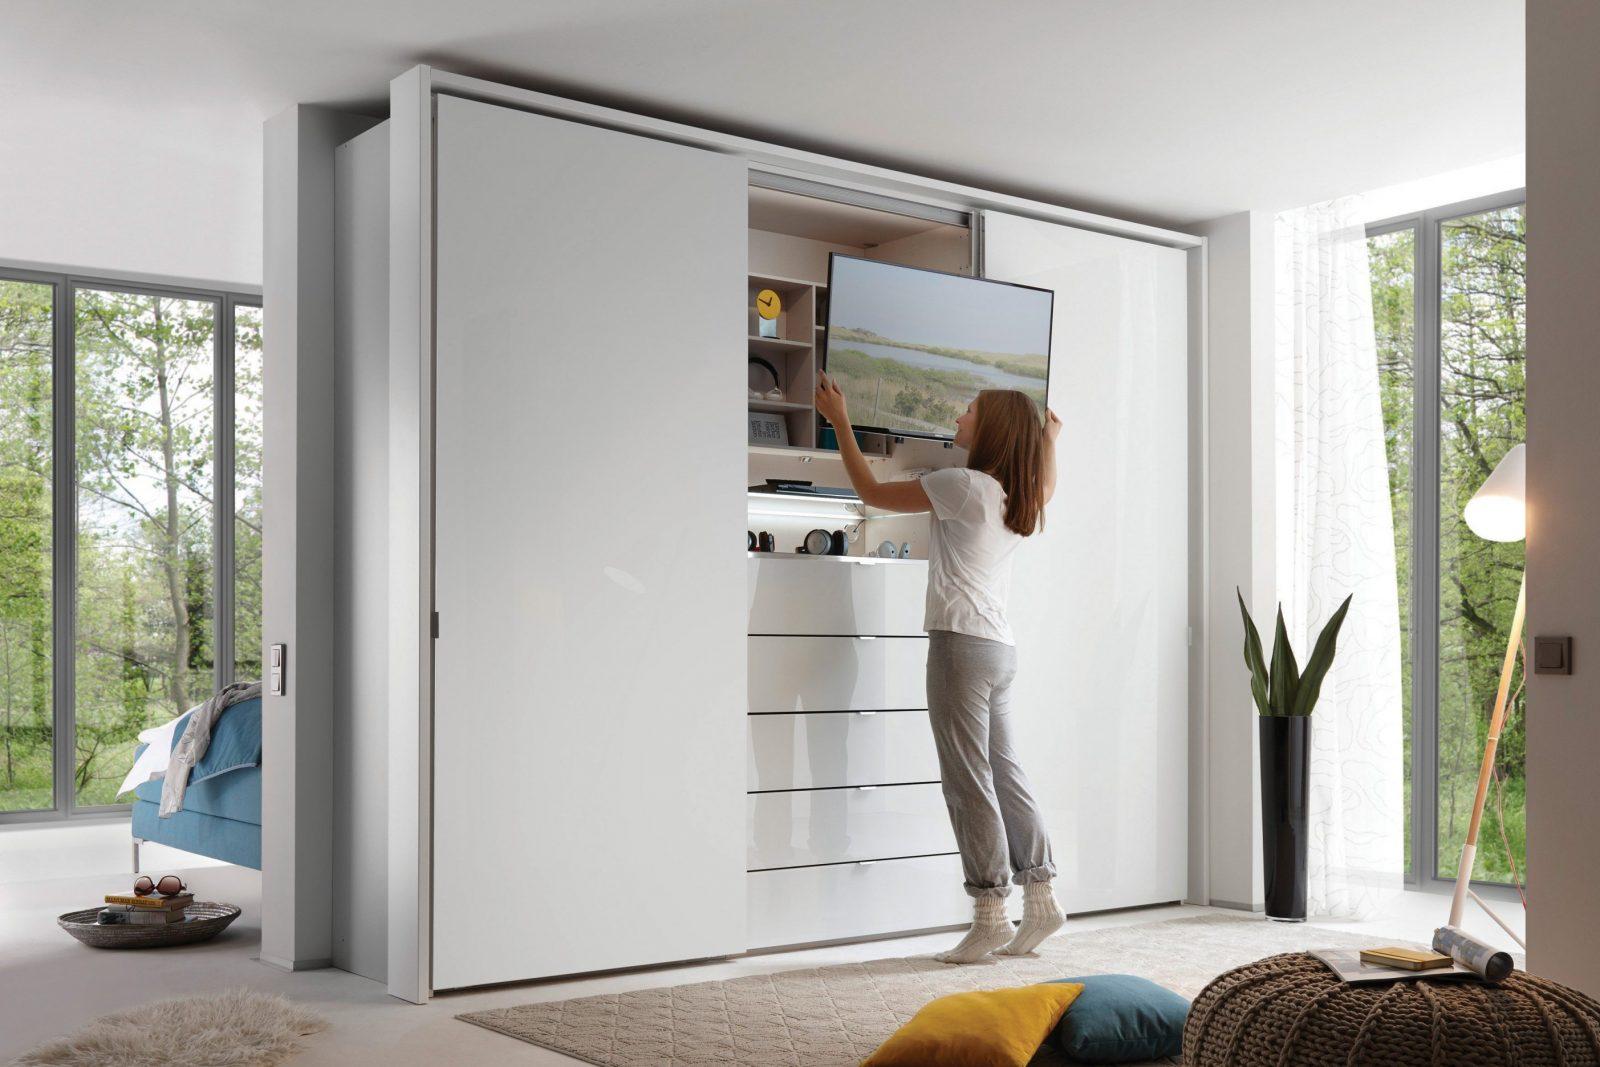 Staud Media Kleiderschrank Alpinweißglas  Möbel Letz  Ihr Onlineshop von Kleiderschrank Mit Tv Fach Bild